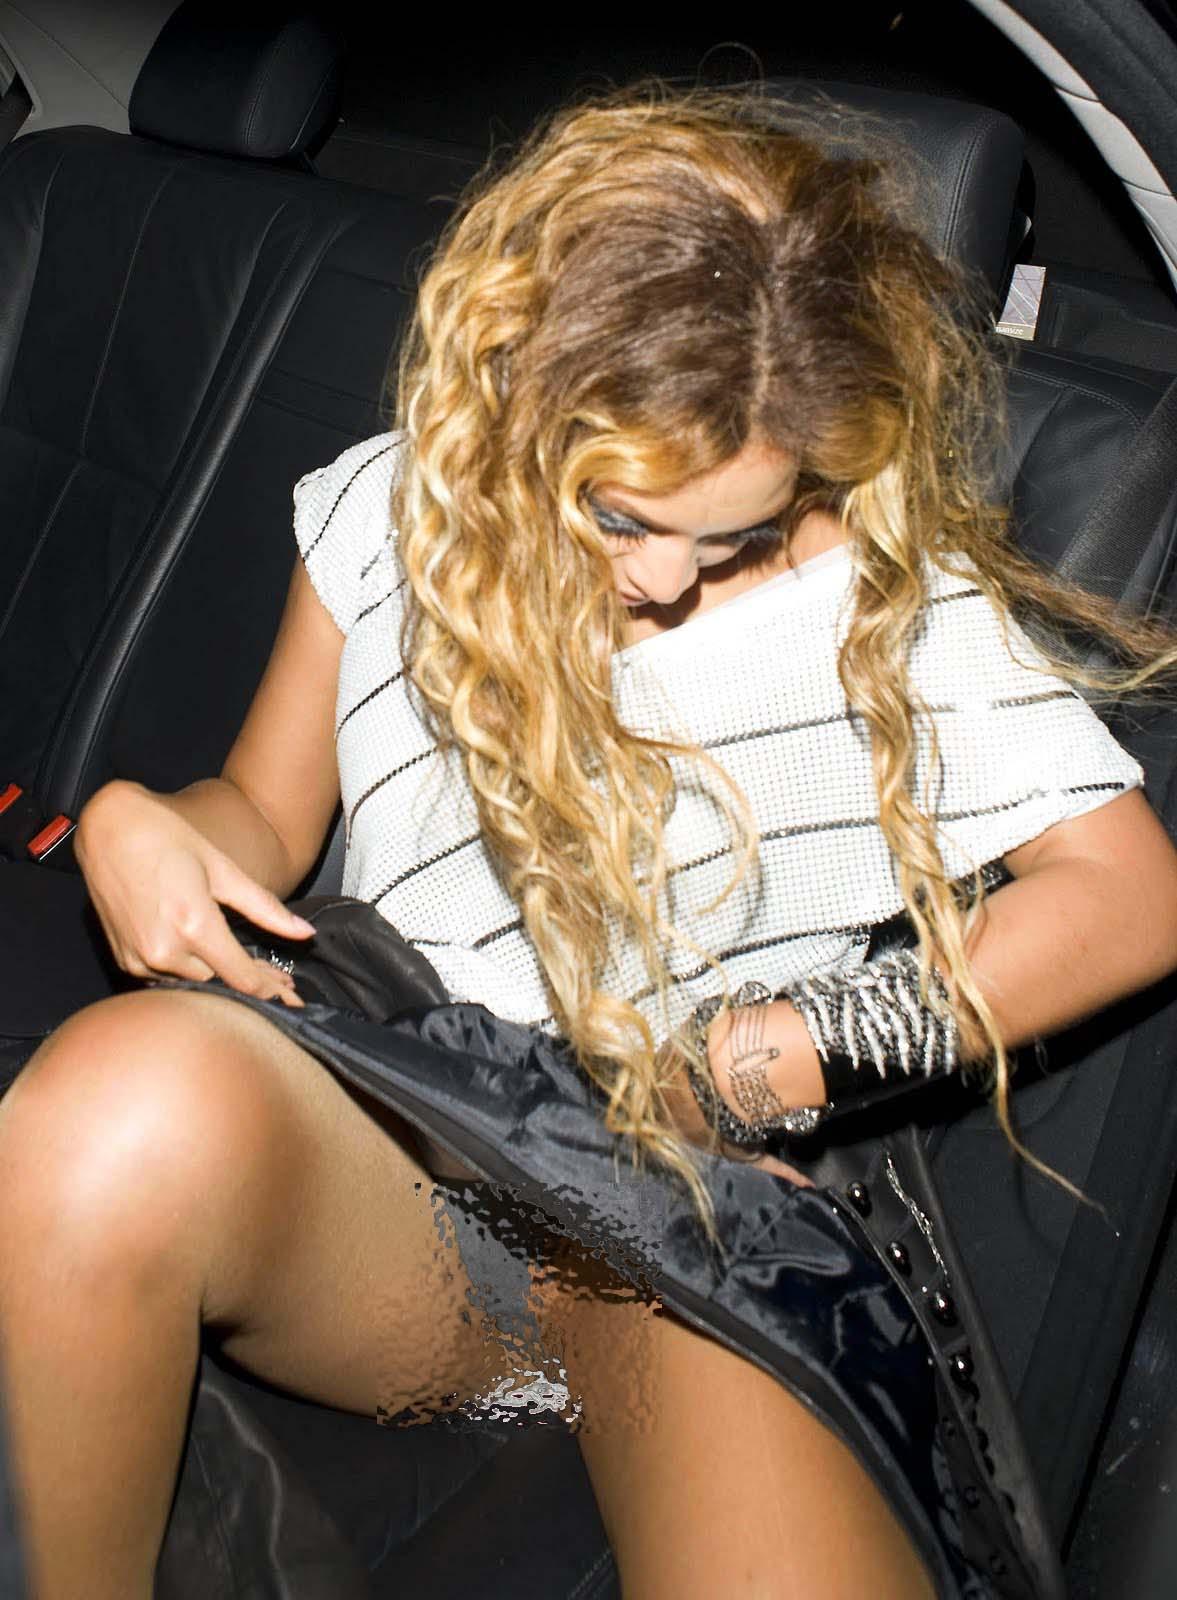 http://1.bp.blogspot.com/_O5GTW8d1sx0/Sw8mLSuOxkI/AAAAAAAAAJ0/buGaKsh1k7M/s1600/Beyonce+Panty+Upskirt_1.jpg